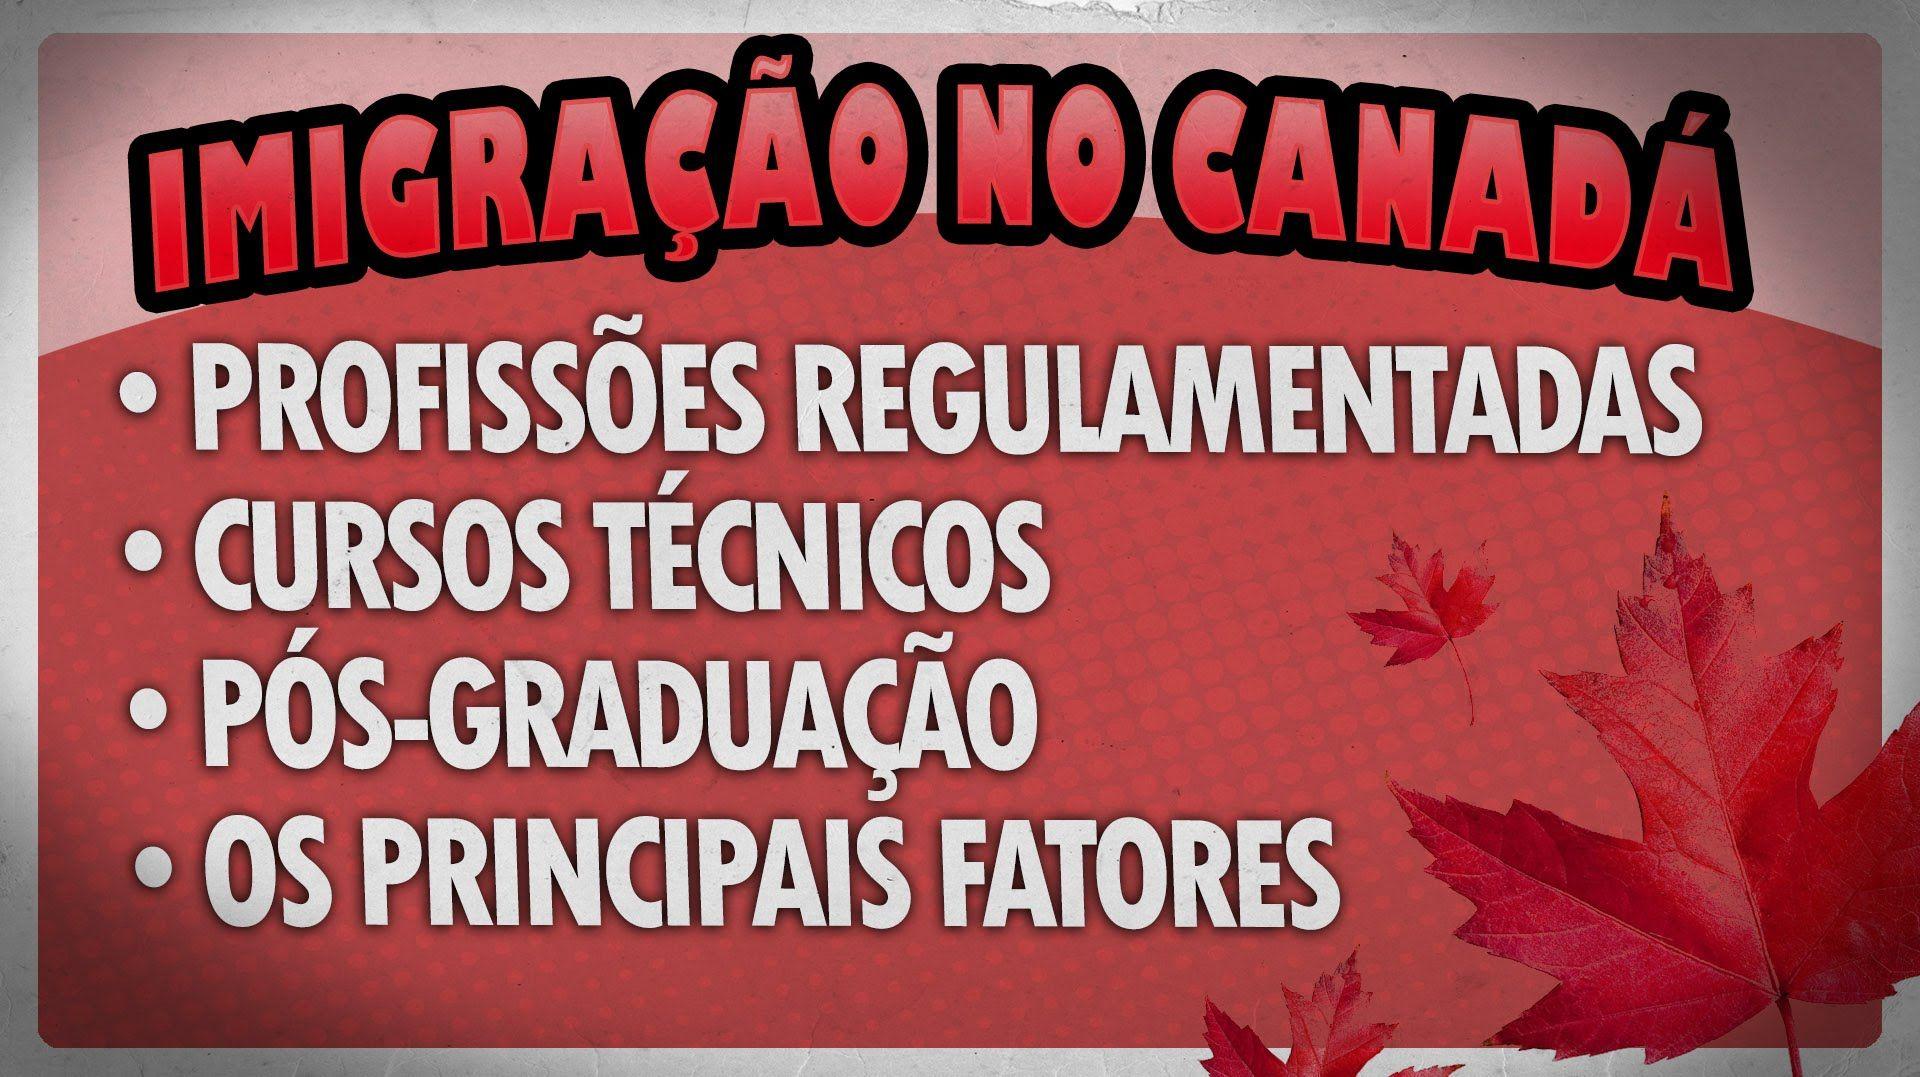 IMIGRAÇÃO NO CANADÁ - PROFISSÕES REGULAMENTADAS, CURSOS, PÓS, INVESTIMEN...